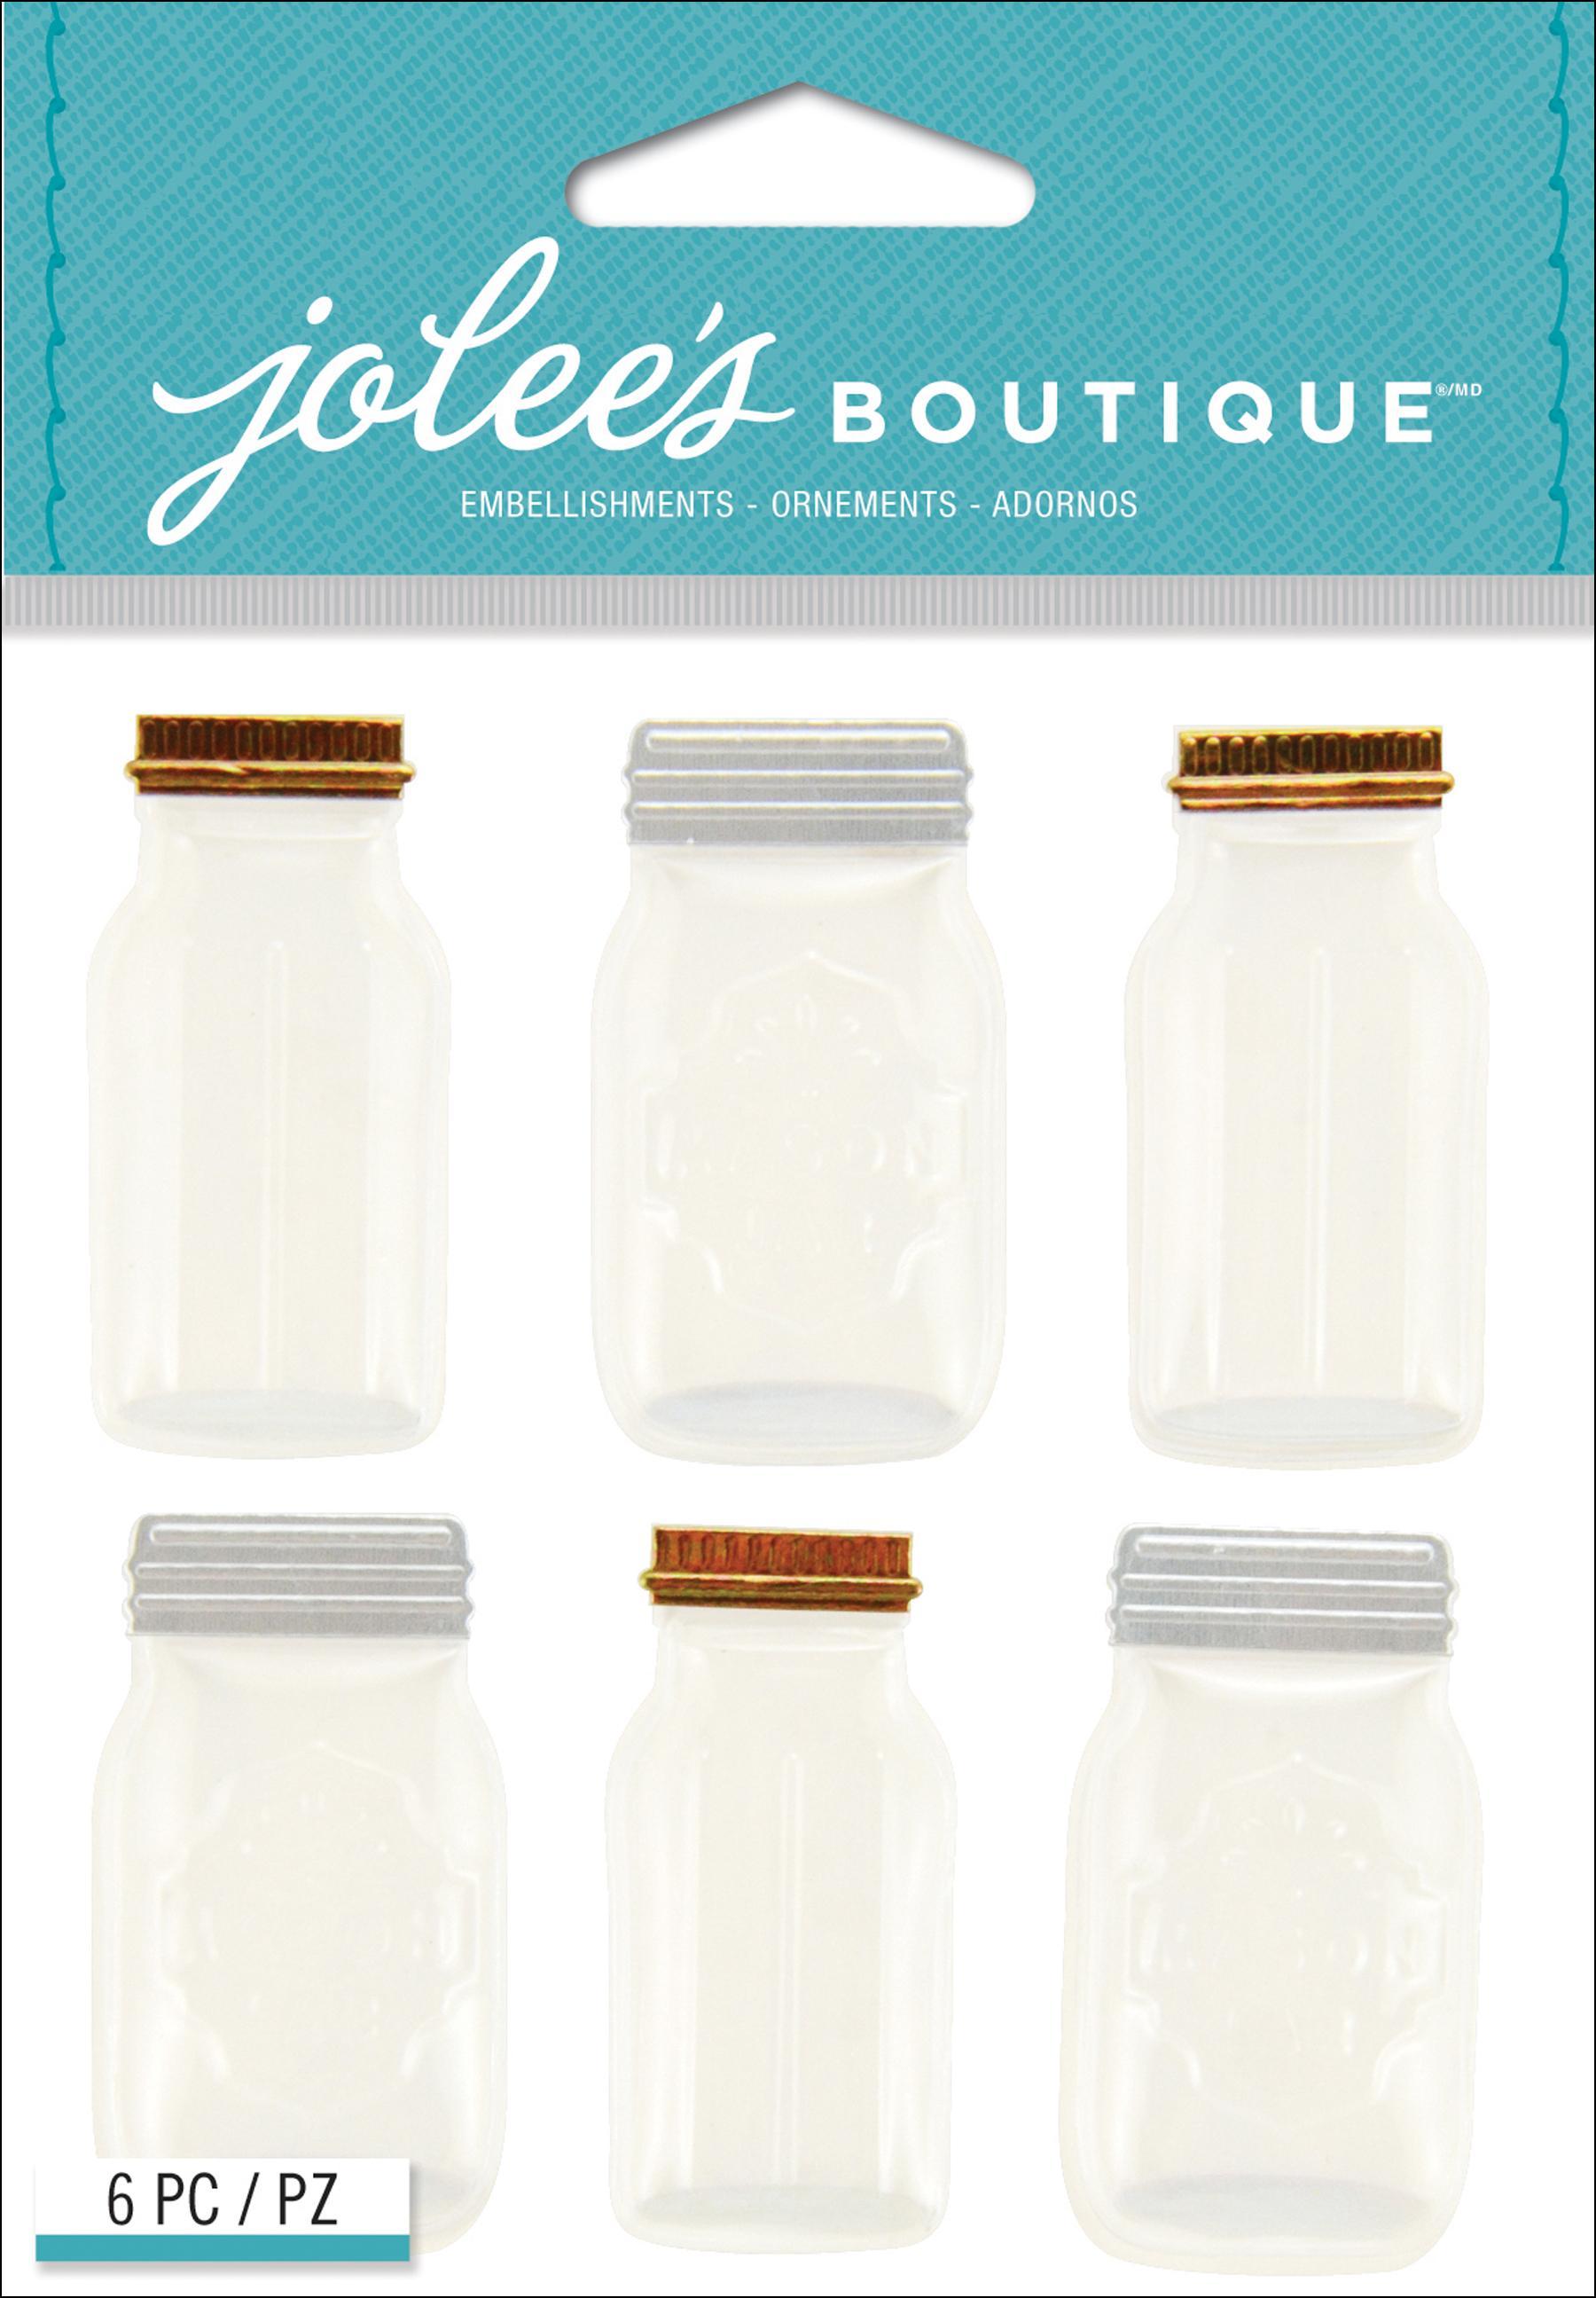 מדבקות Jolee's - צנצנות מייסון ג'אר MAISON JAR